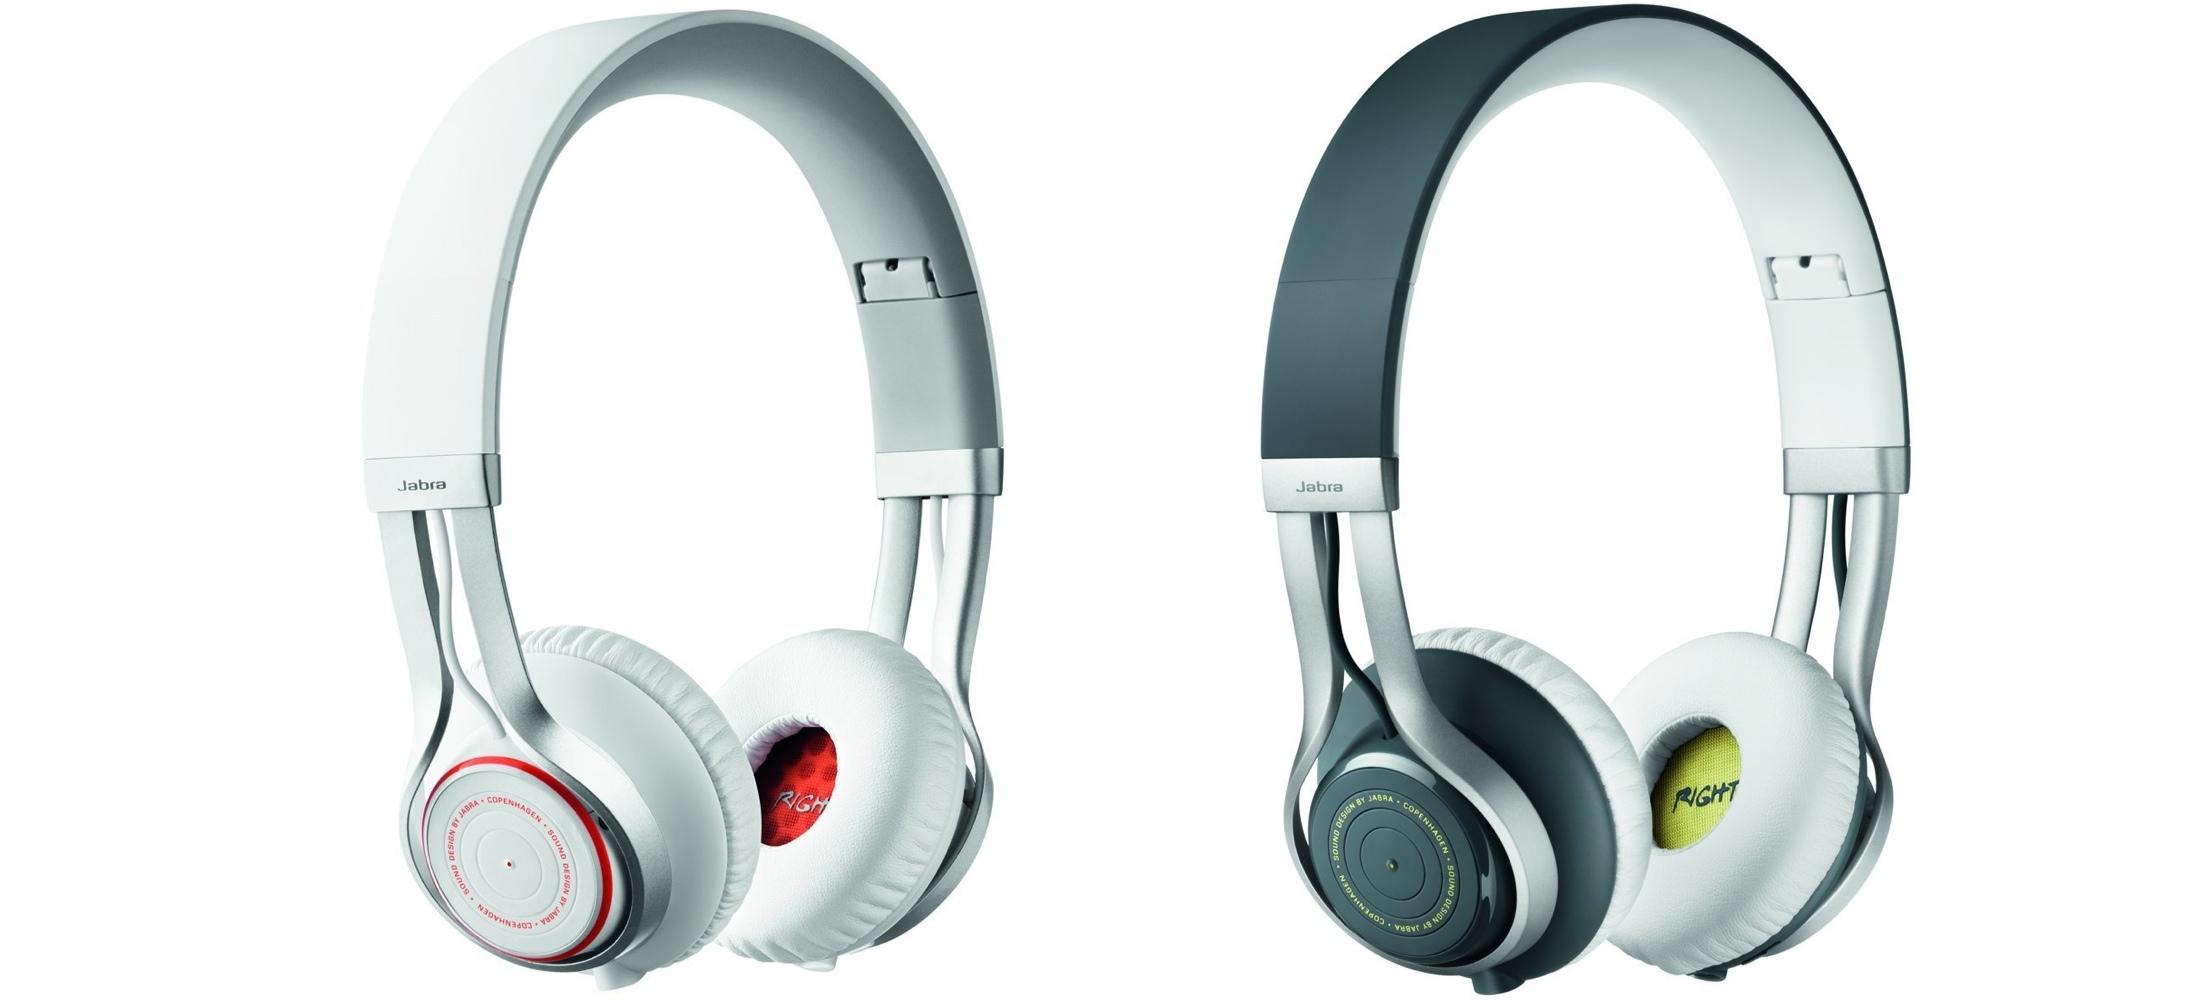 Revo Wireless Weiß Grau